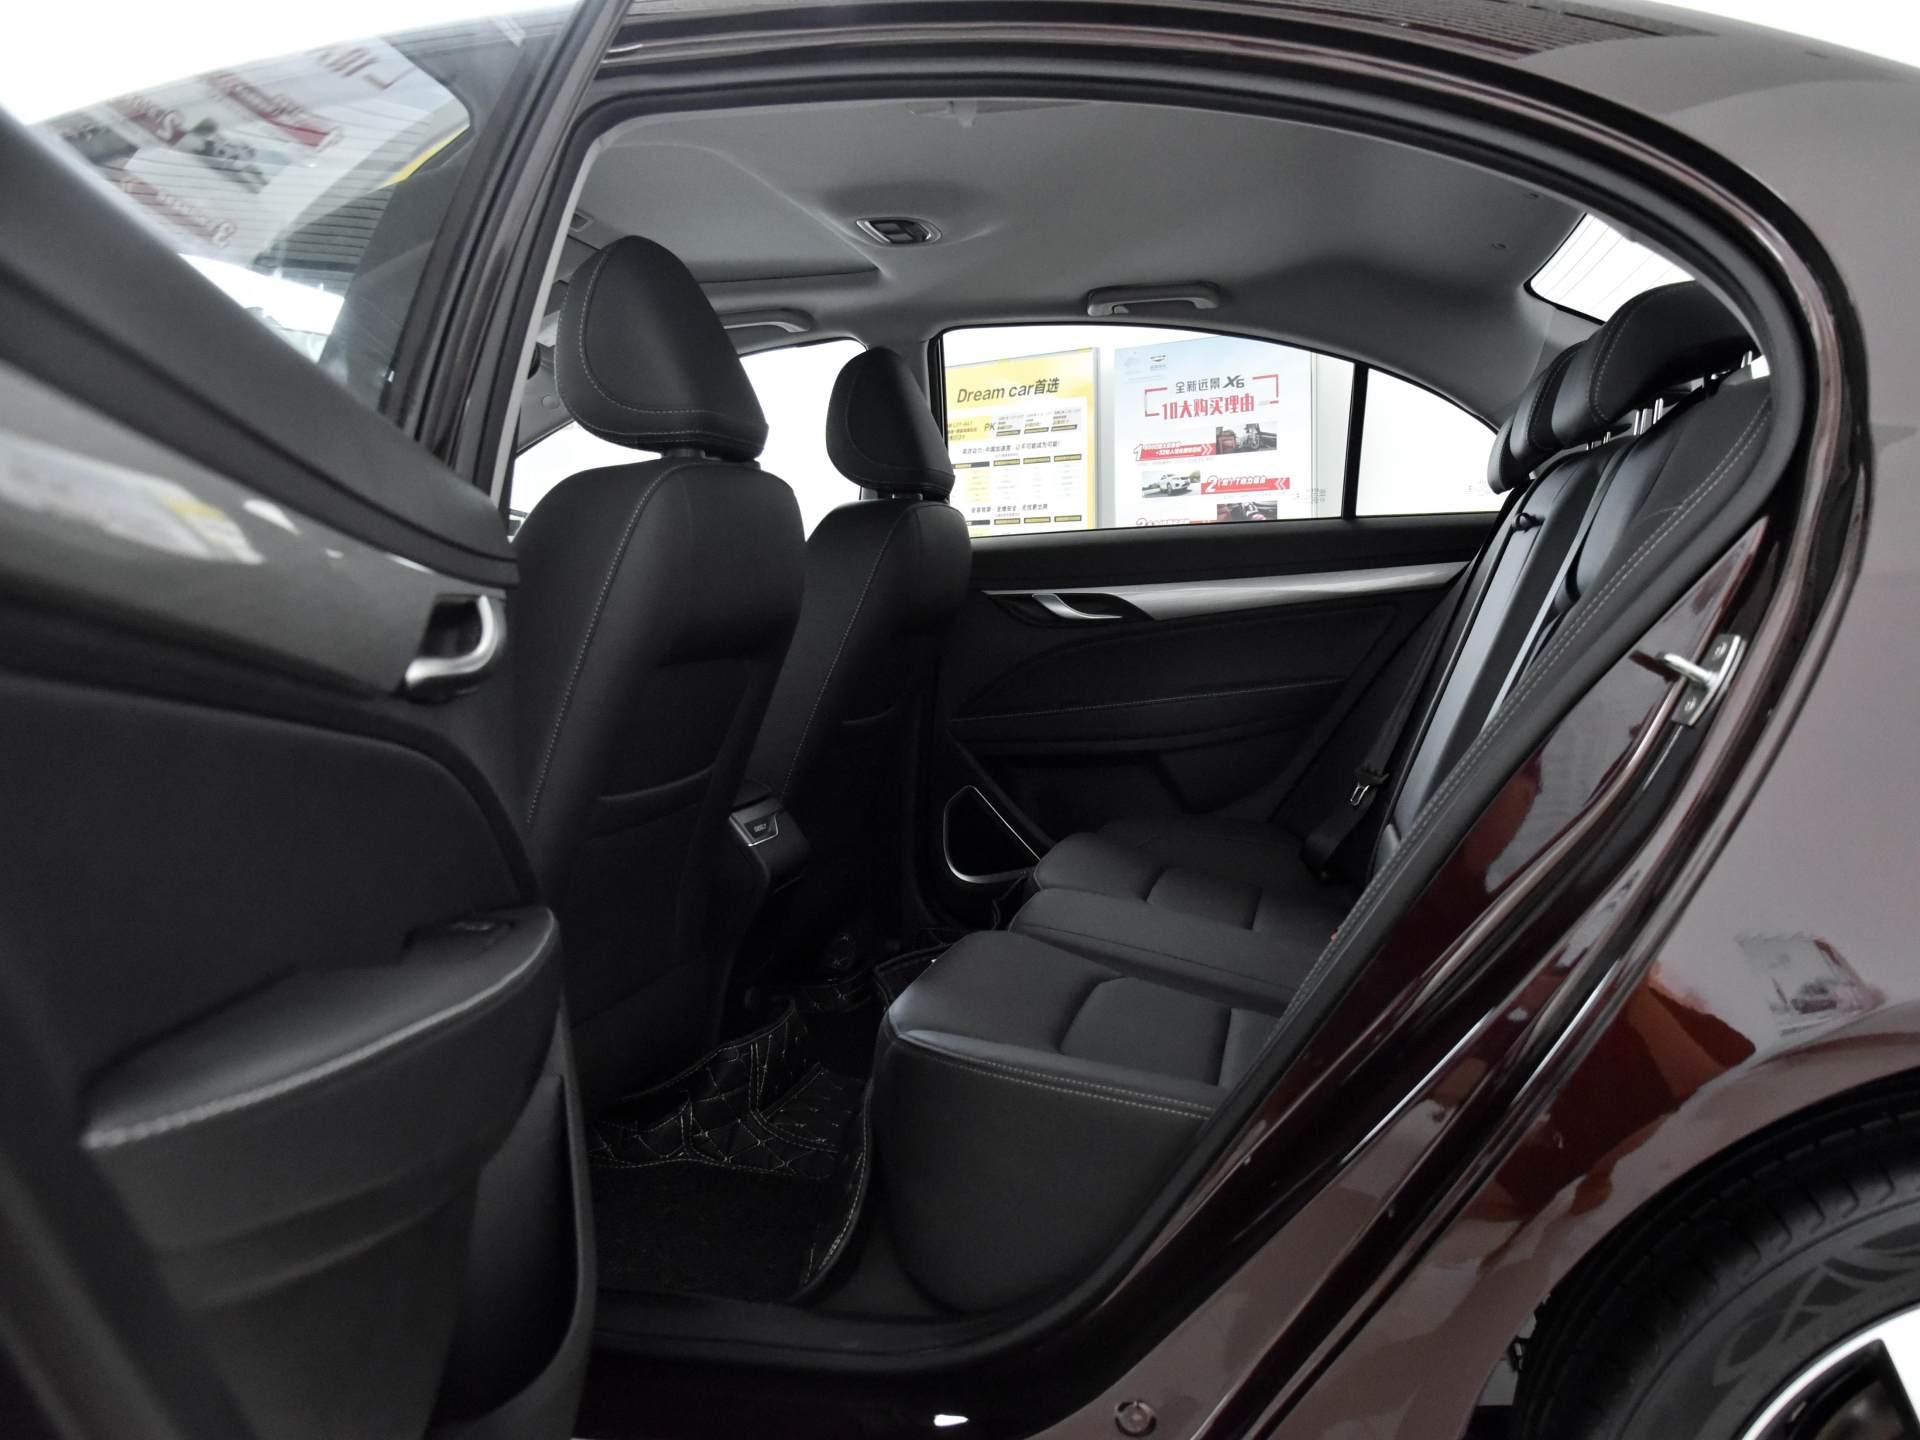 吉利造出親民小傢轎,2650mm軸距空間大,7萬價格配CVT,看瞭想入手-圖5